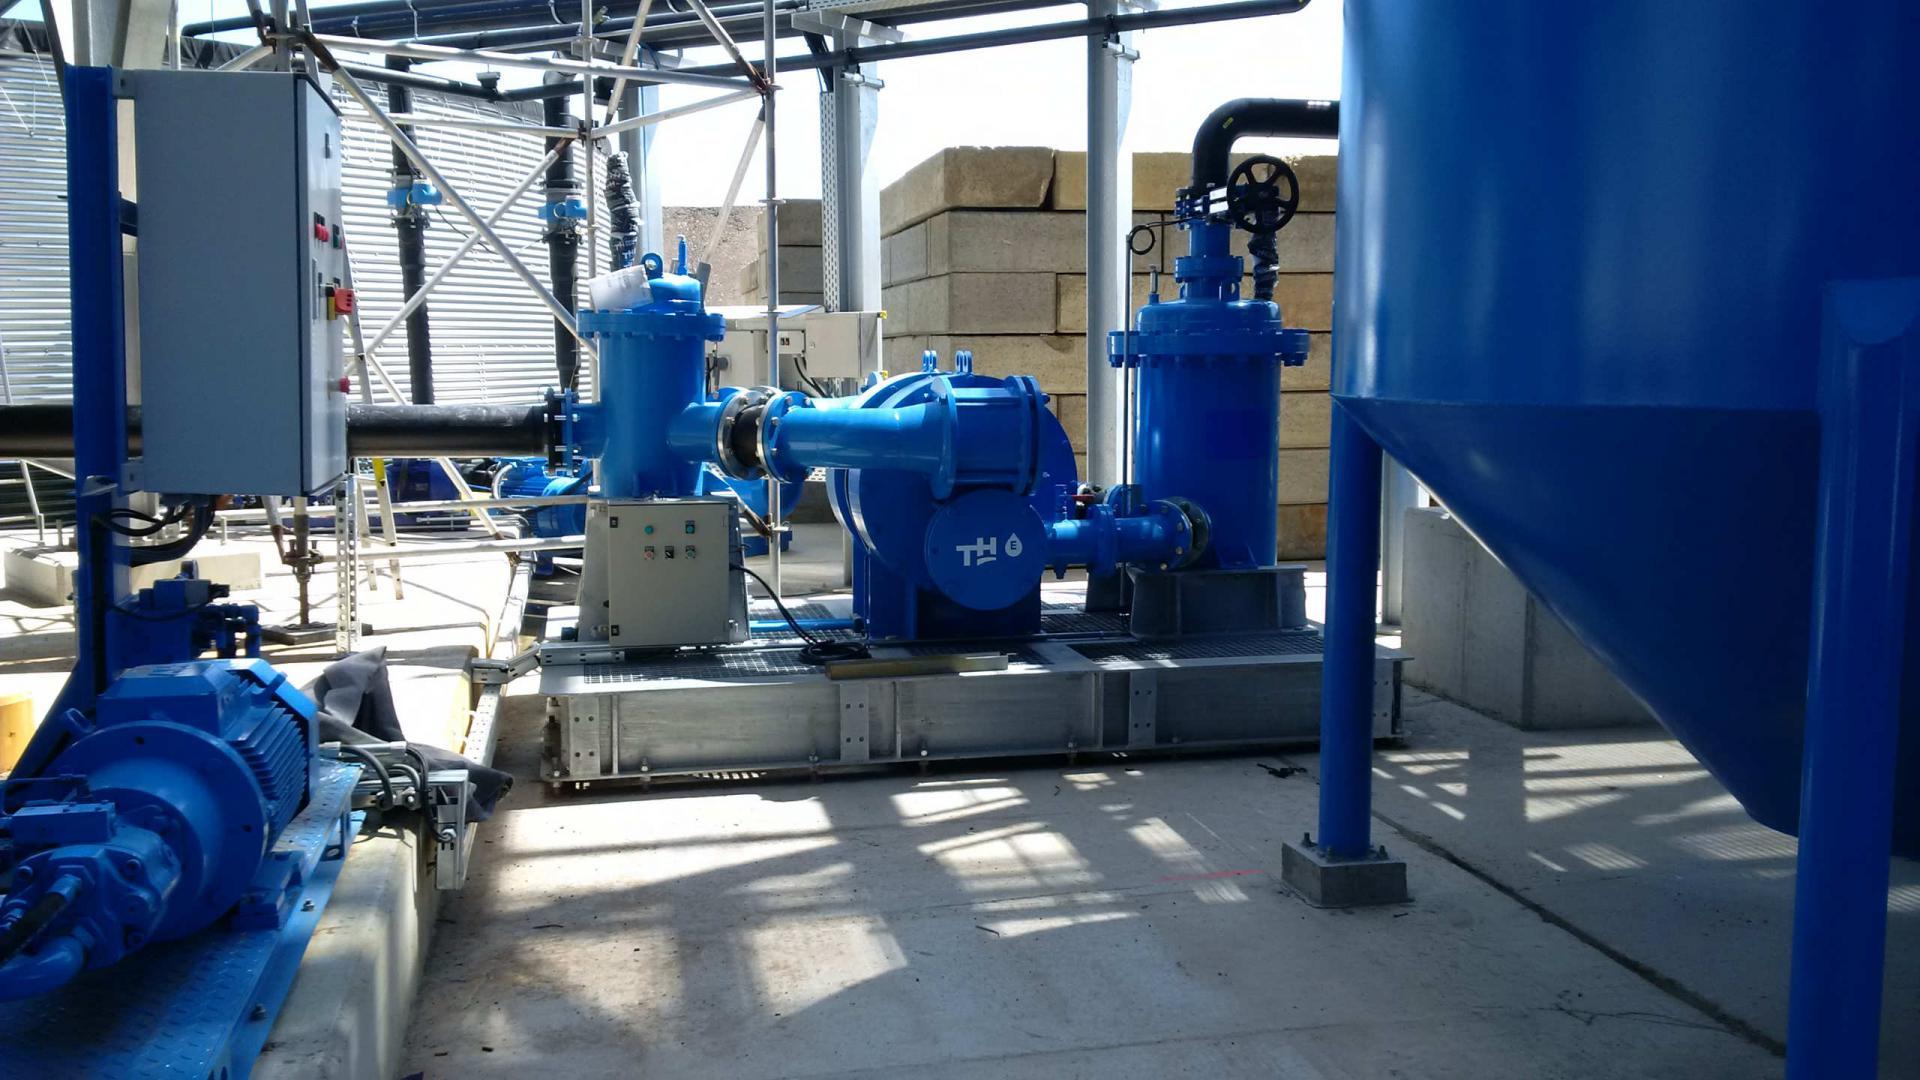 Pompe hydraulique à membranes. Capacité 80 m3/h à 16 bars